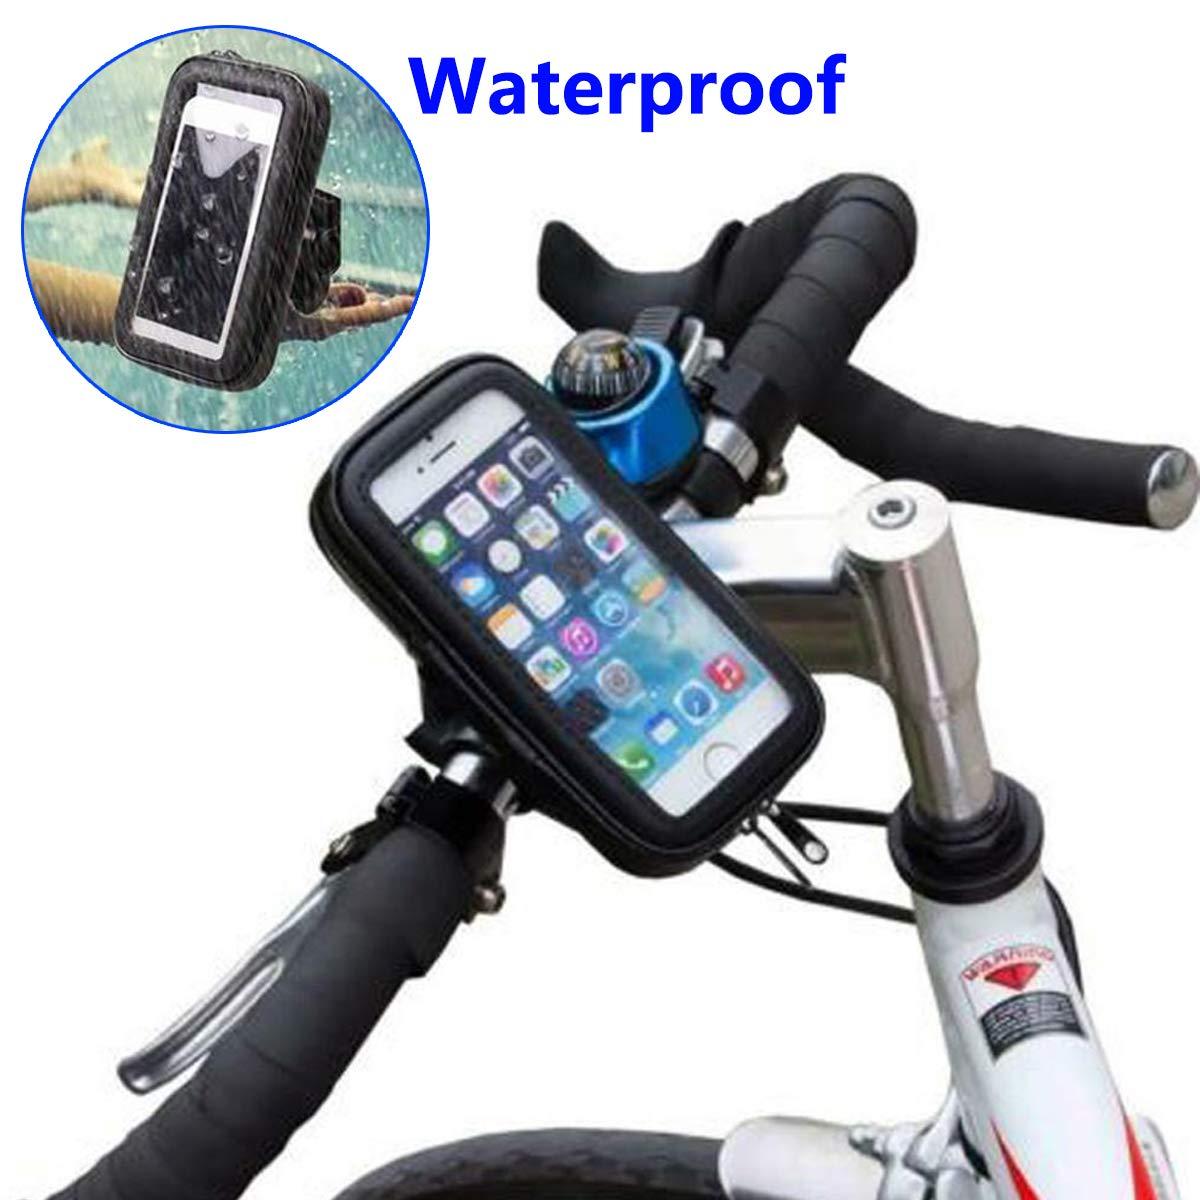 Bike holder/Mount for 6.5'' smart phone.